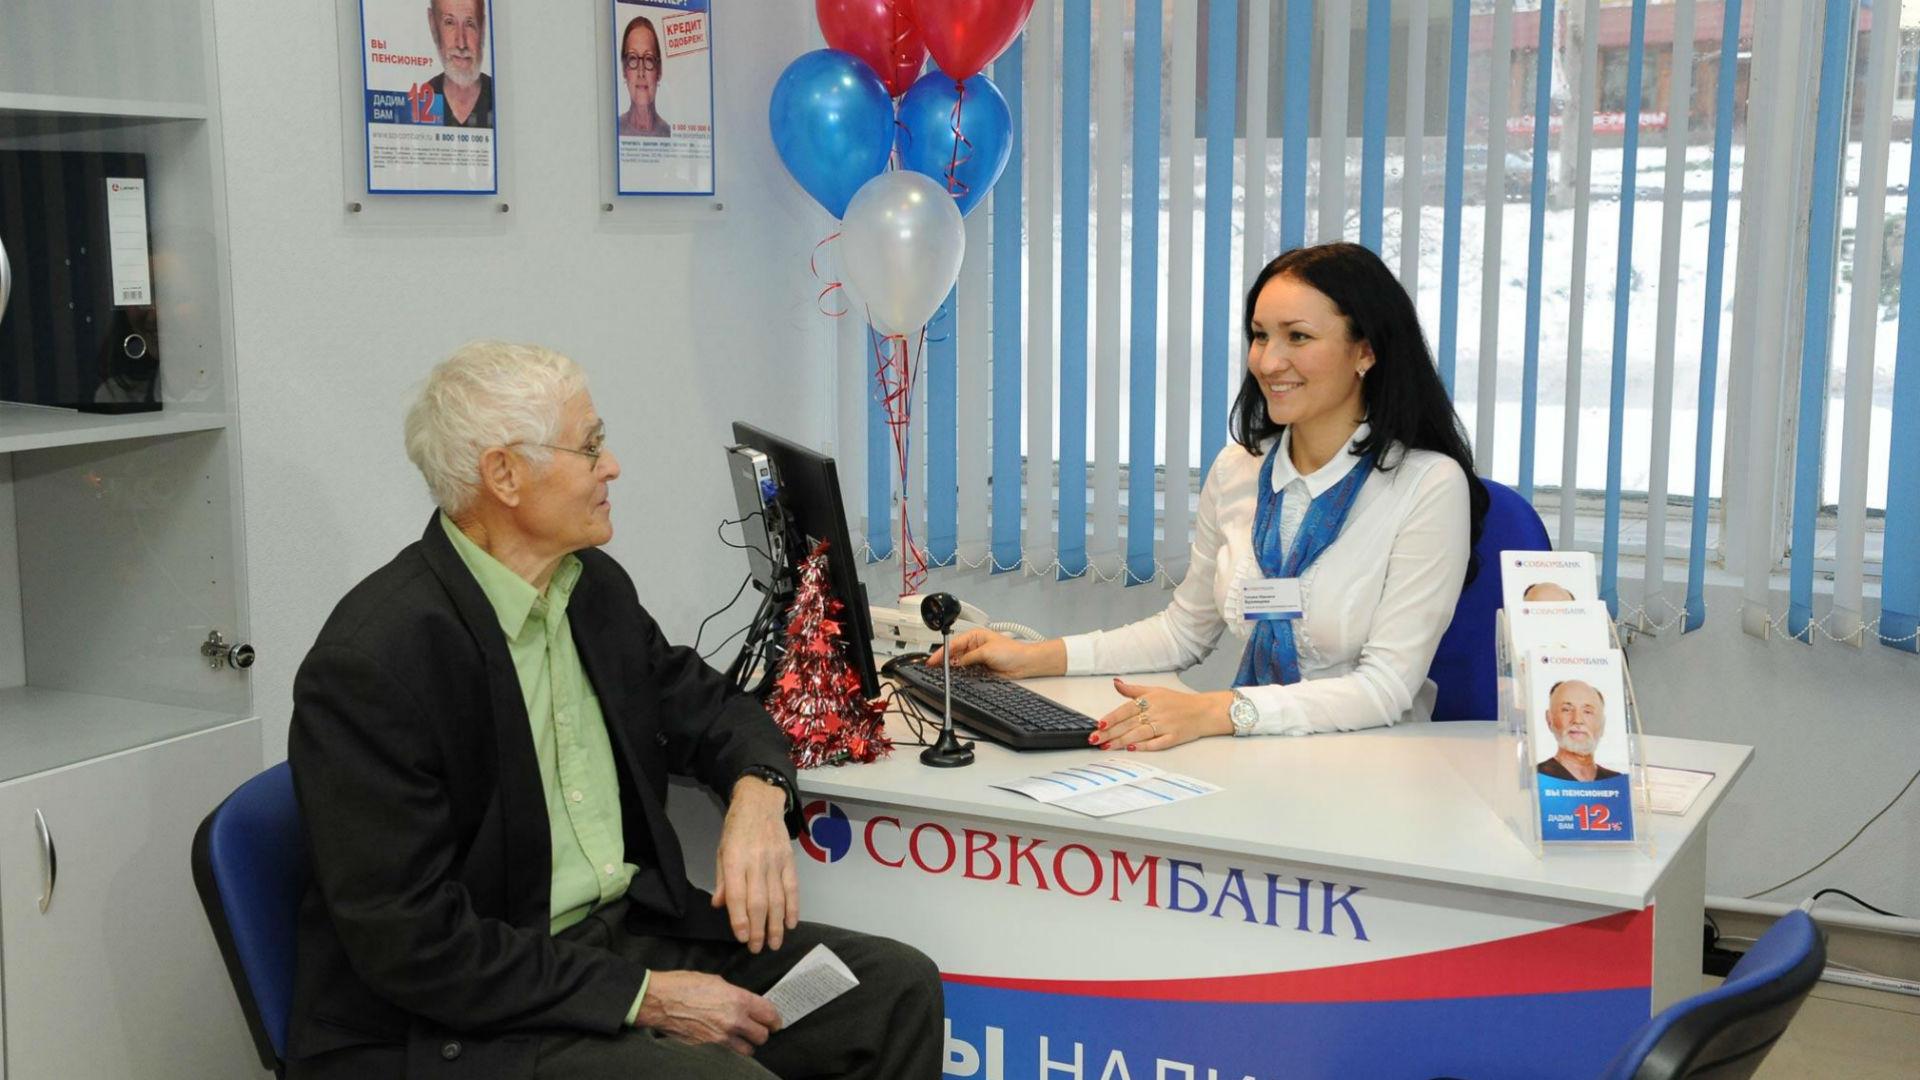 Подать заявку на кредит в Совкомбанк пенсионерам